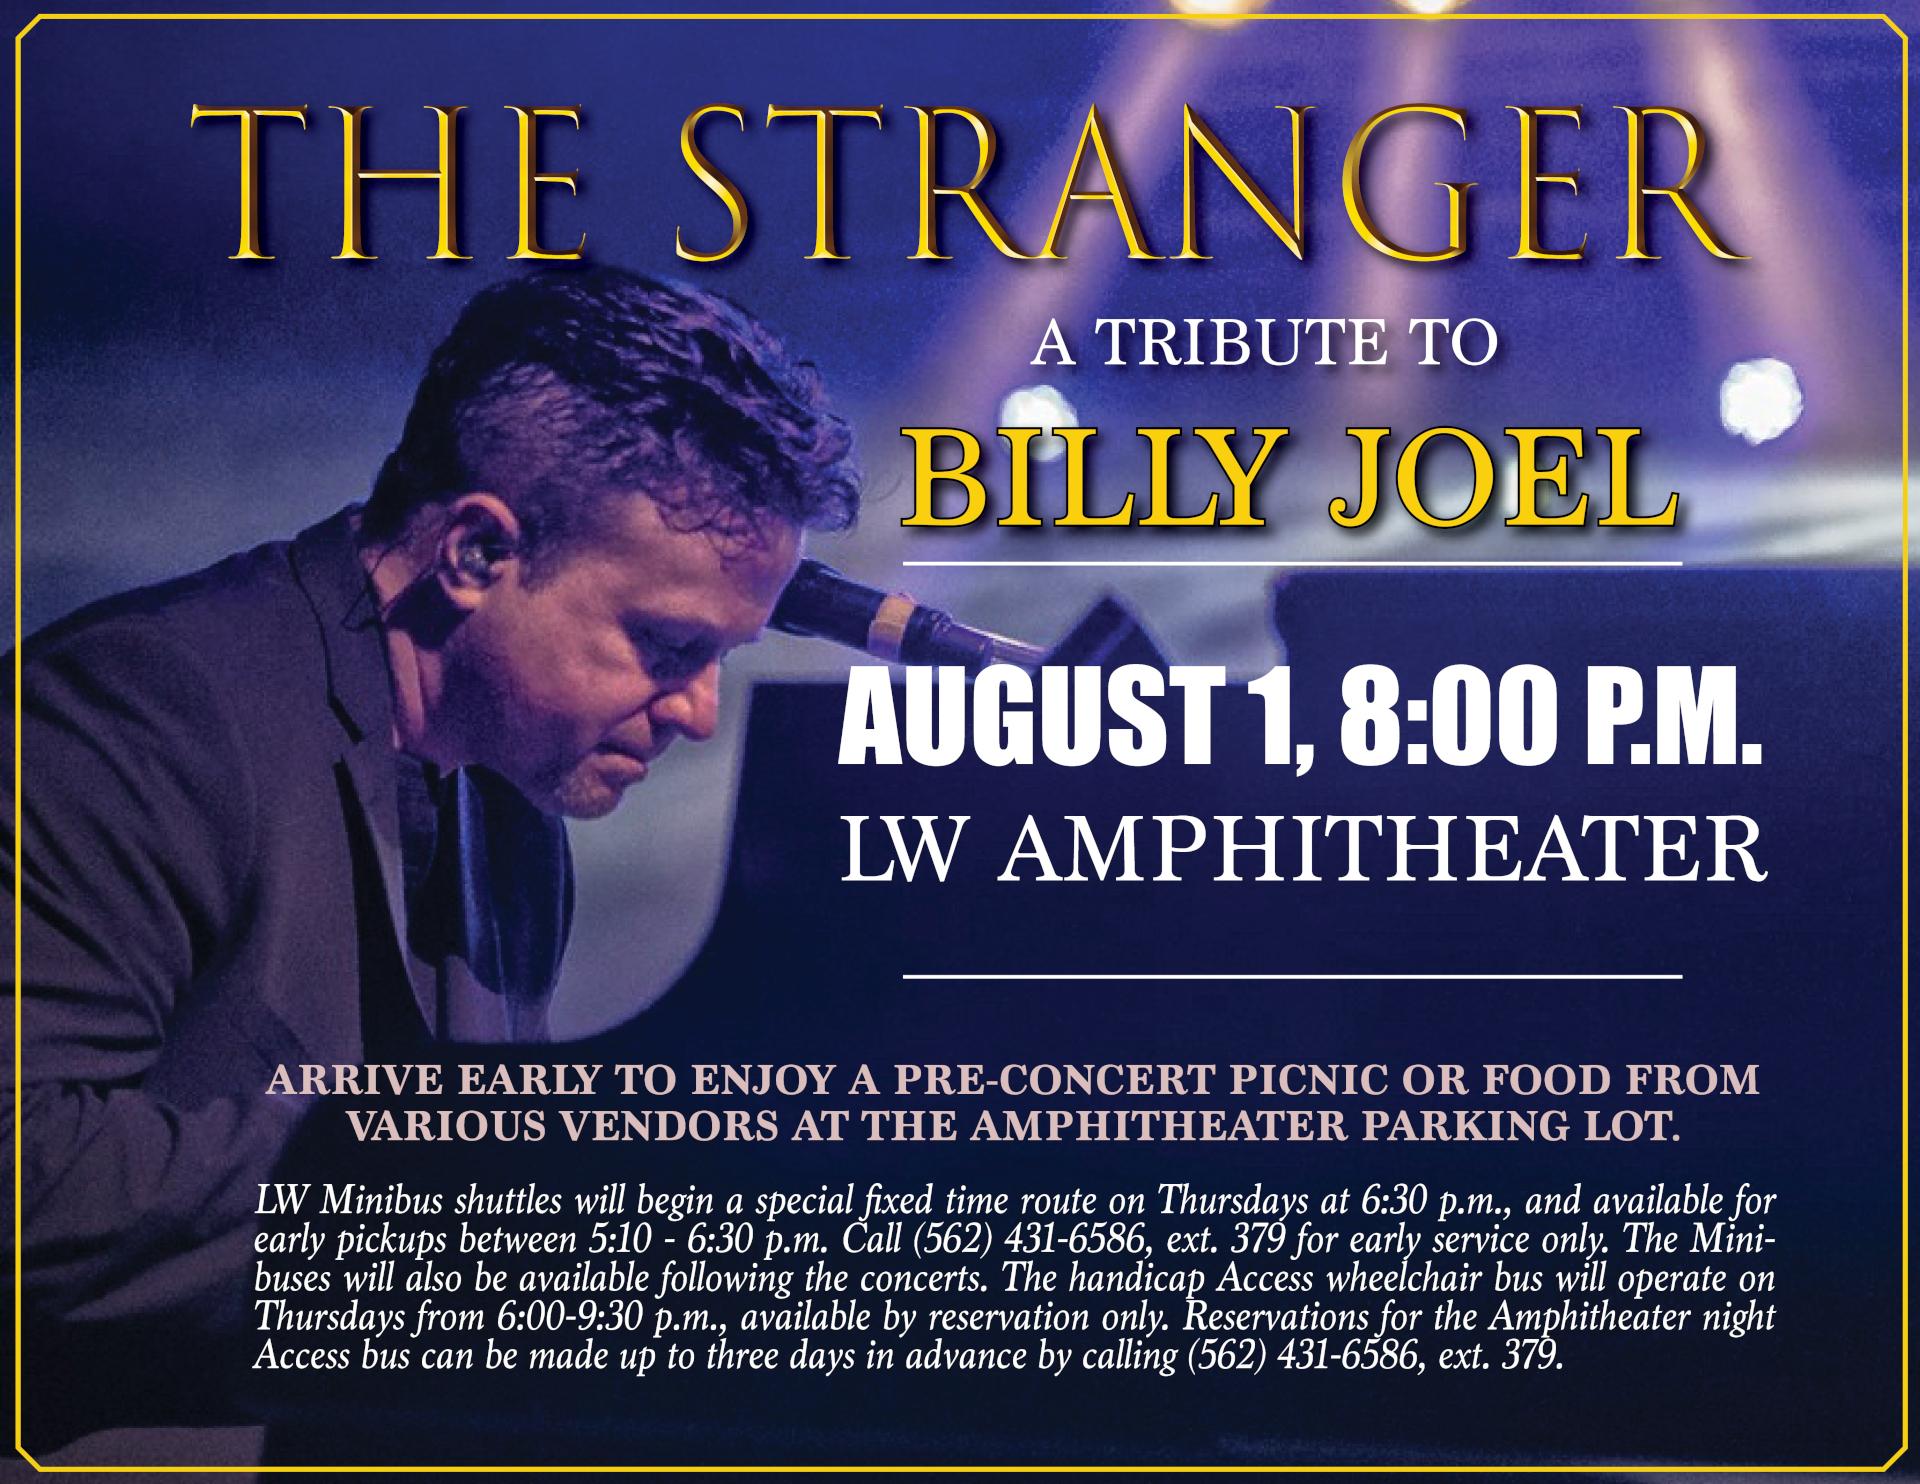 Billy Joel tribute 08-1